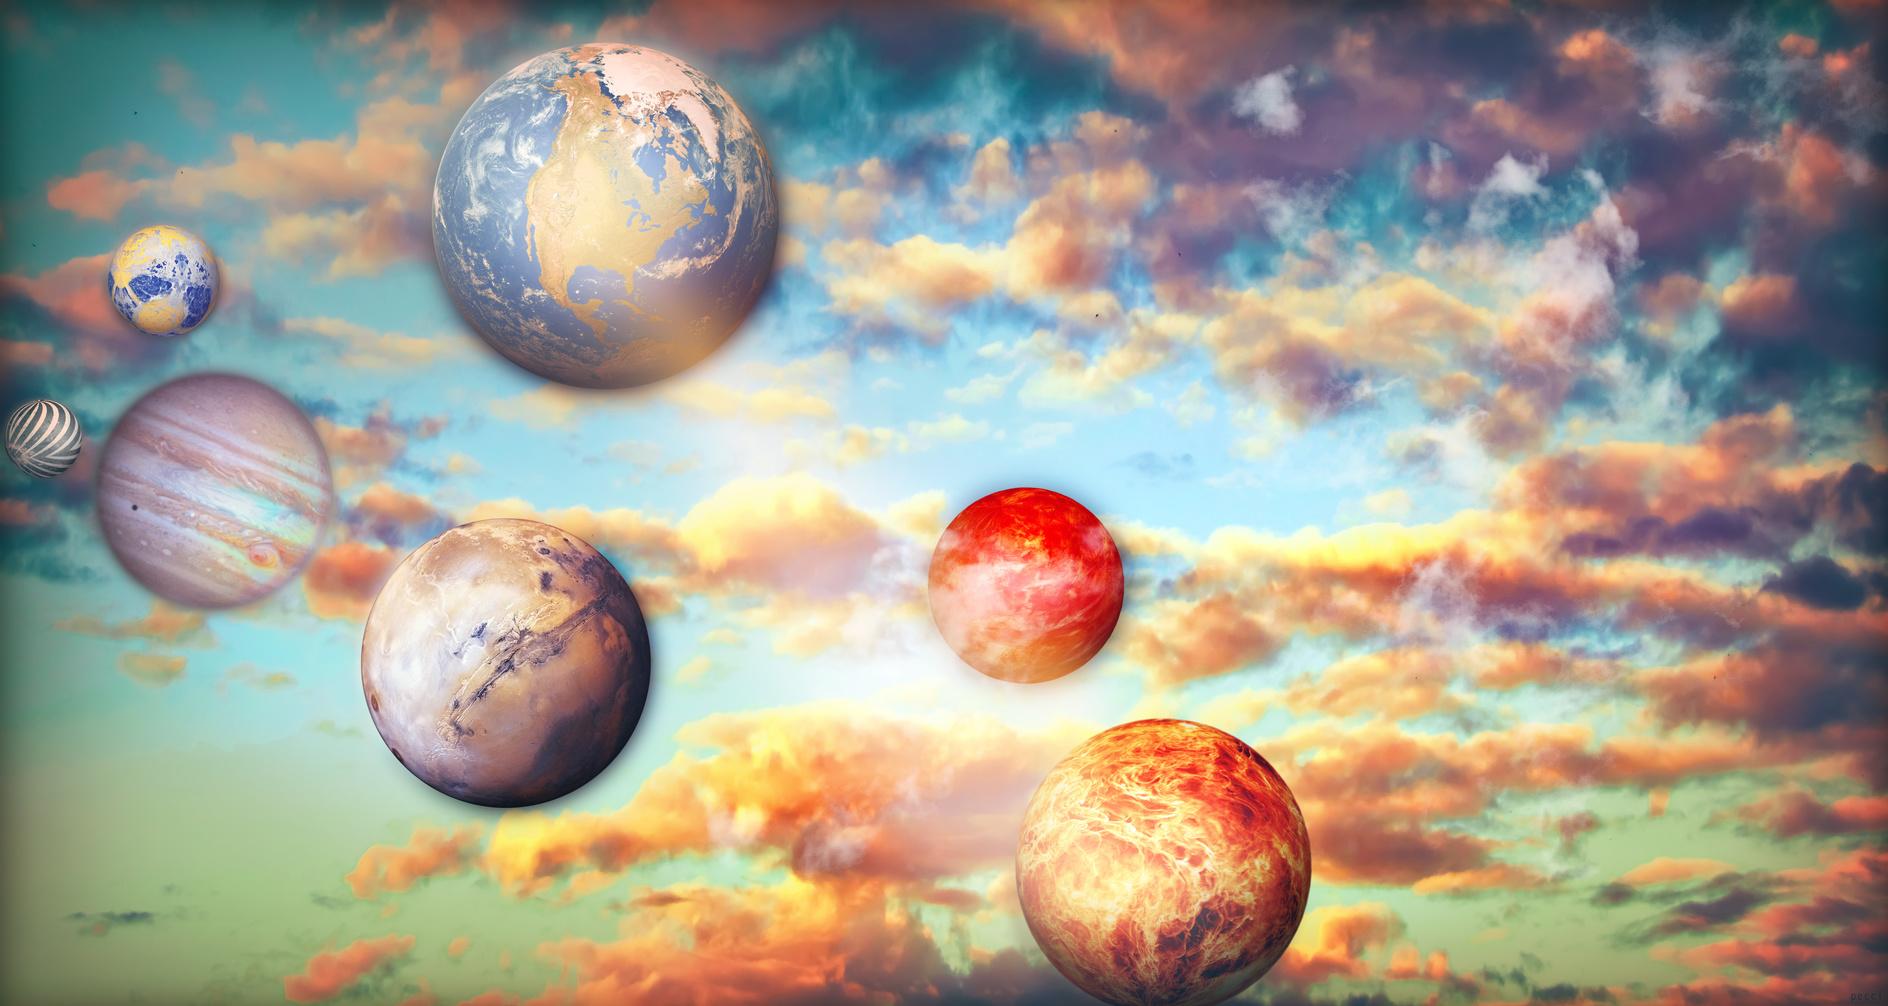 Cadeaux dématérialisés Astrologie Tarot